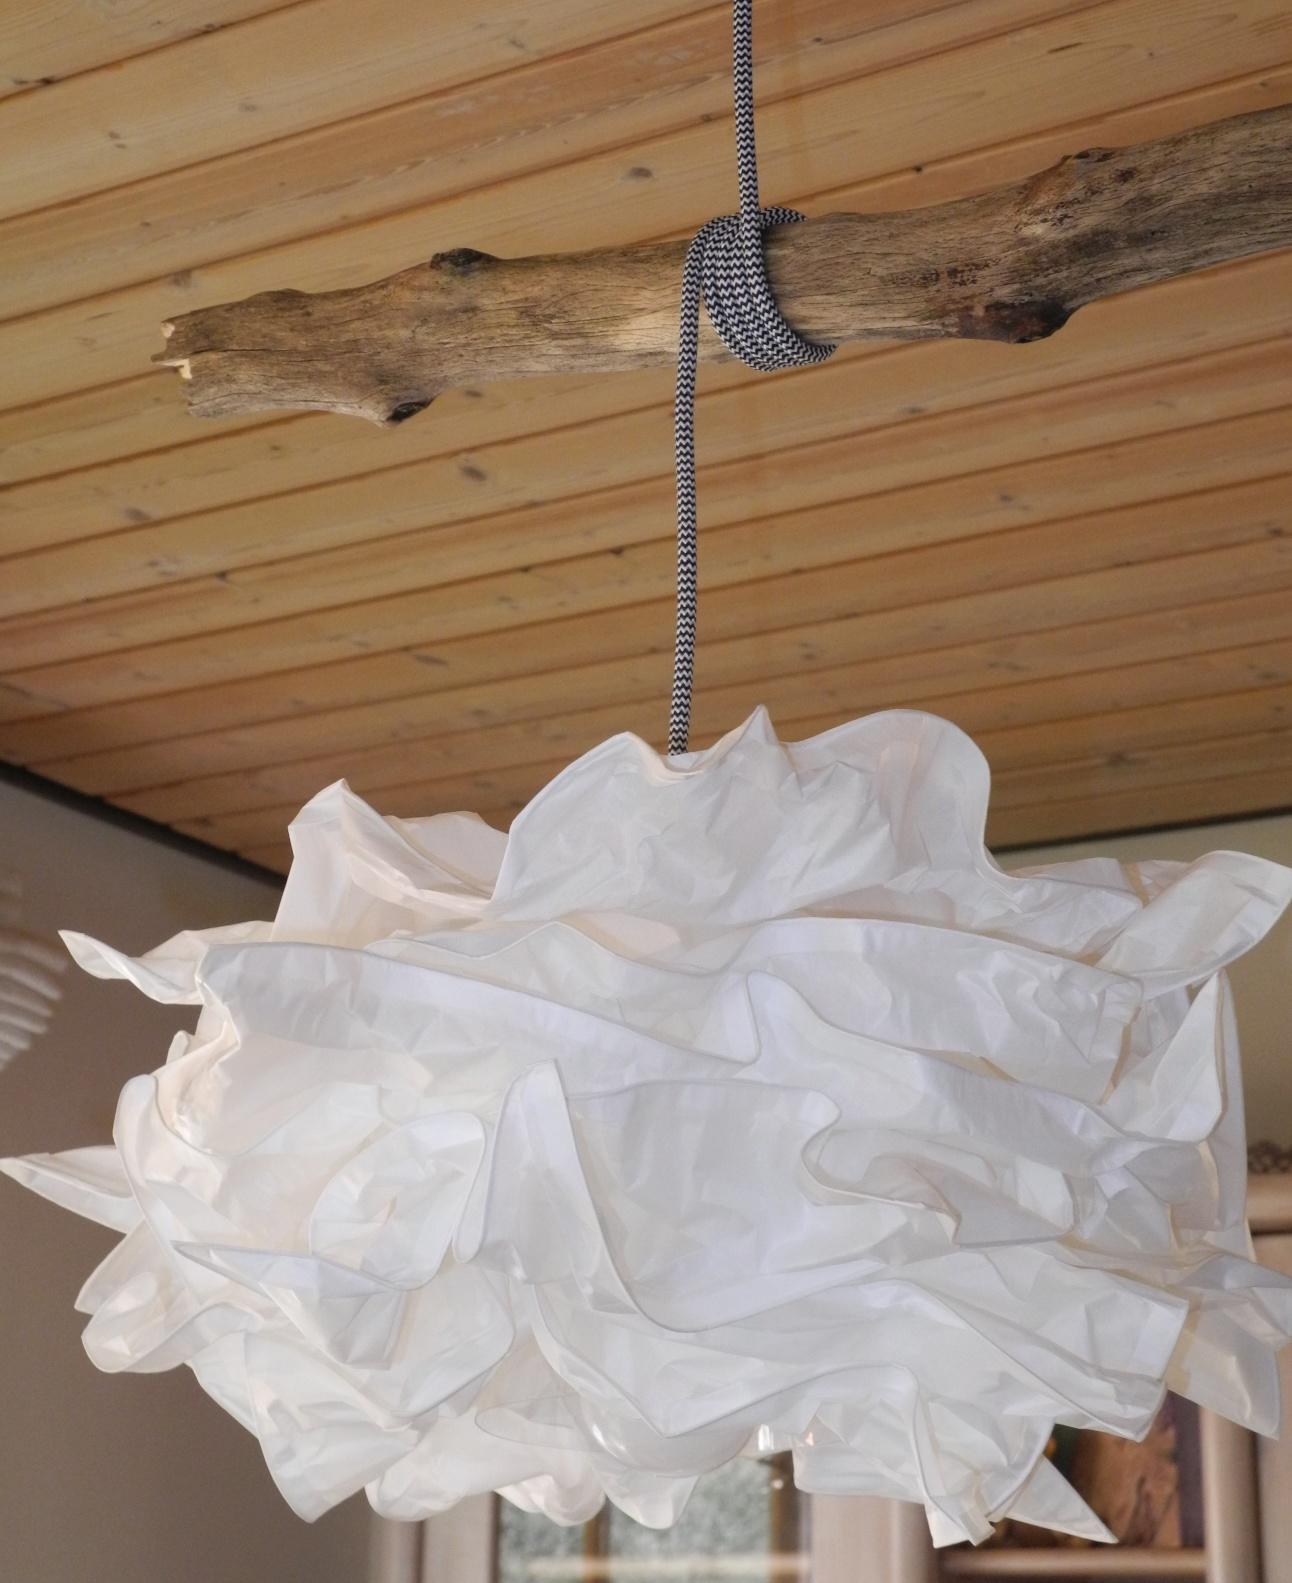 kabel lampe verstecken